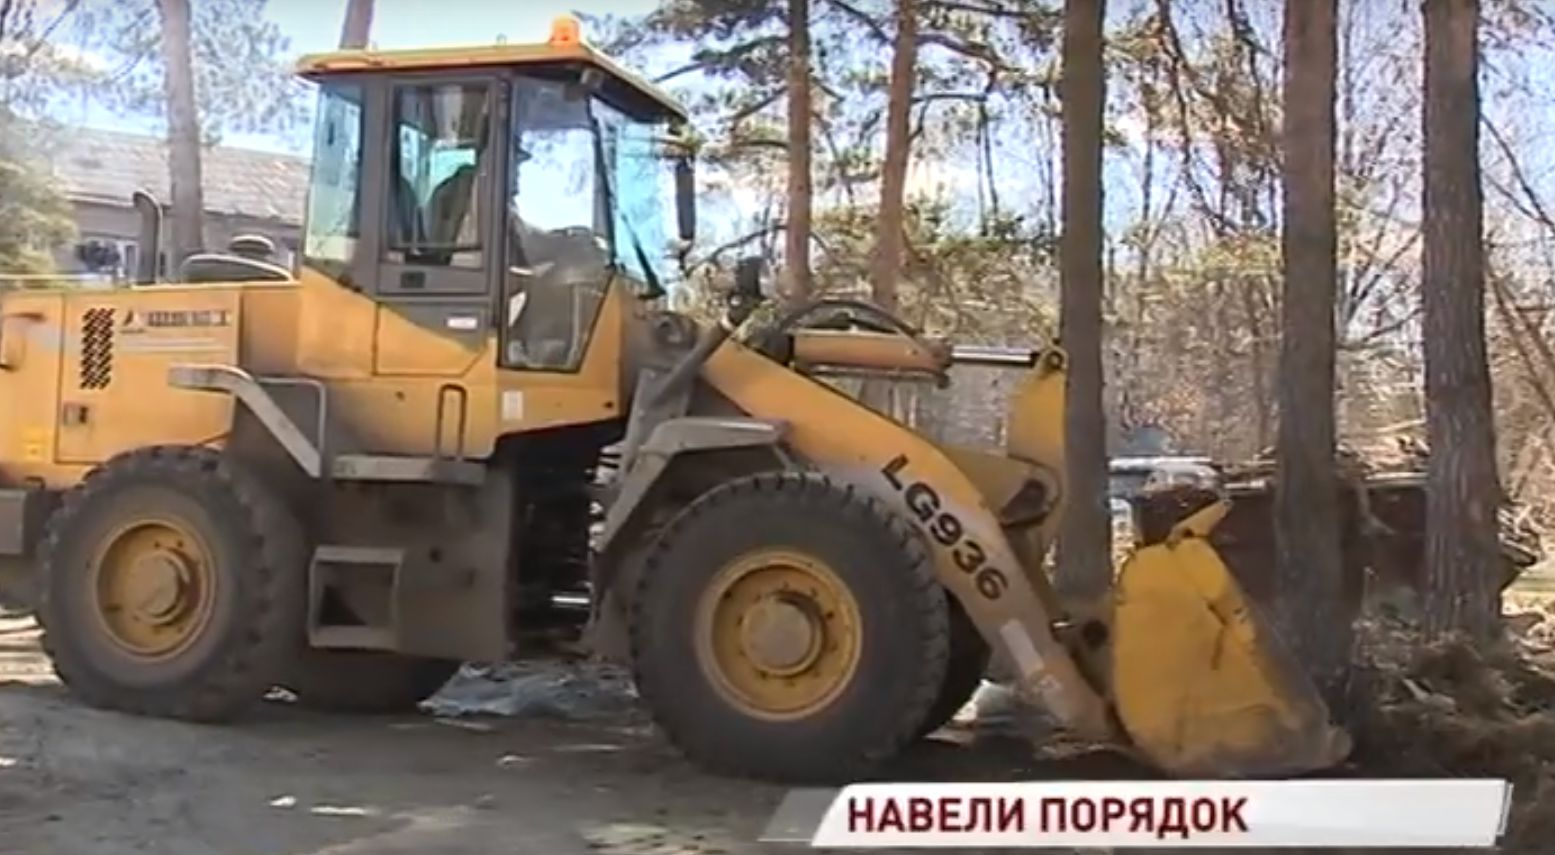 Жители Заволжского района совместно с управдомом убрали бесхозную территорию